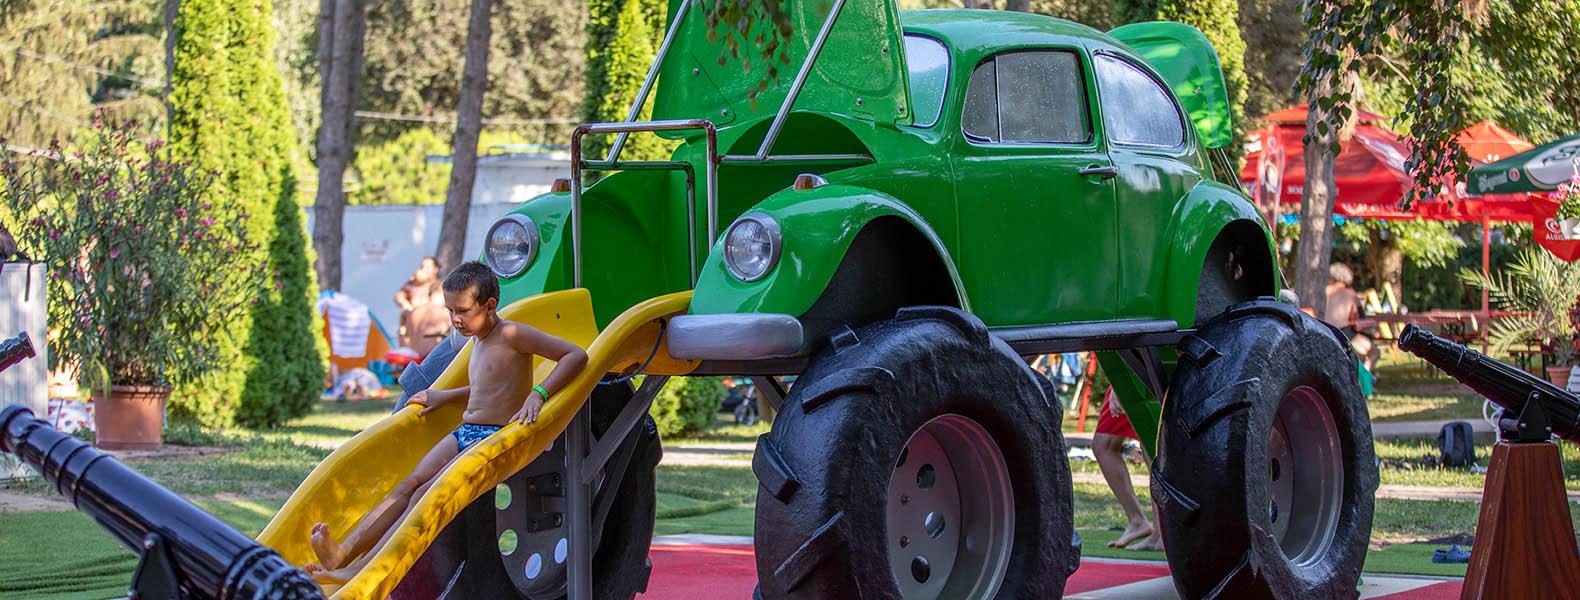 Volkswagen Spray Park (Vizes játszótér)